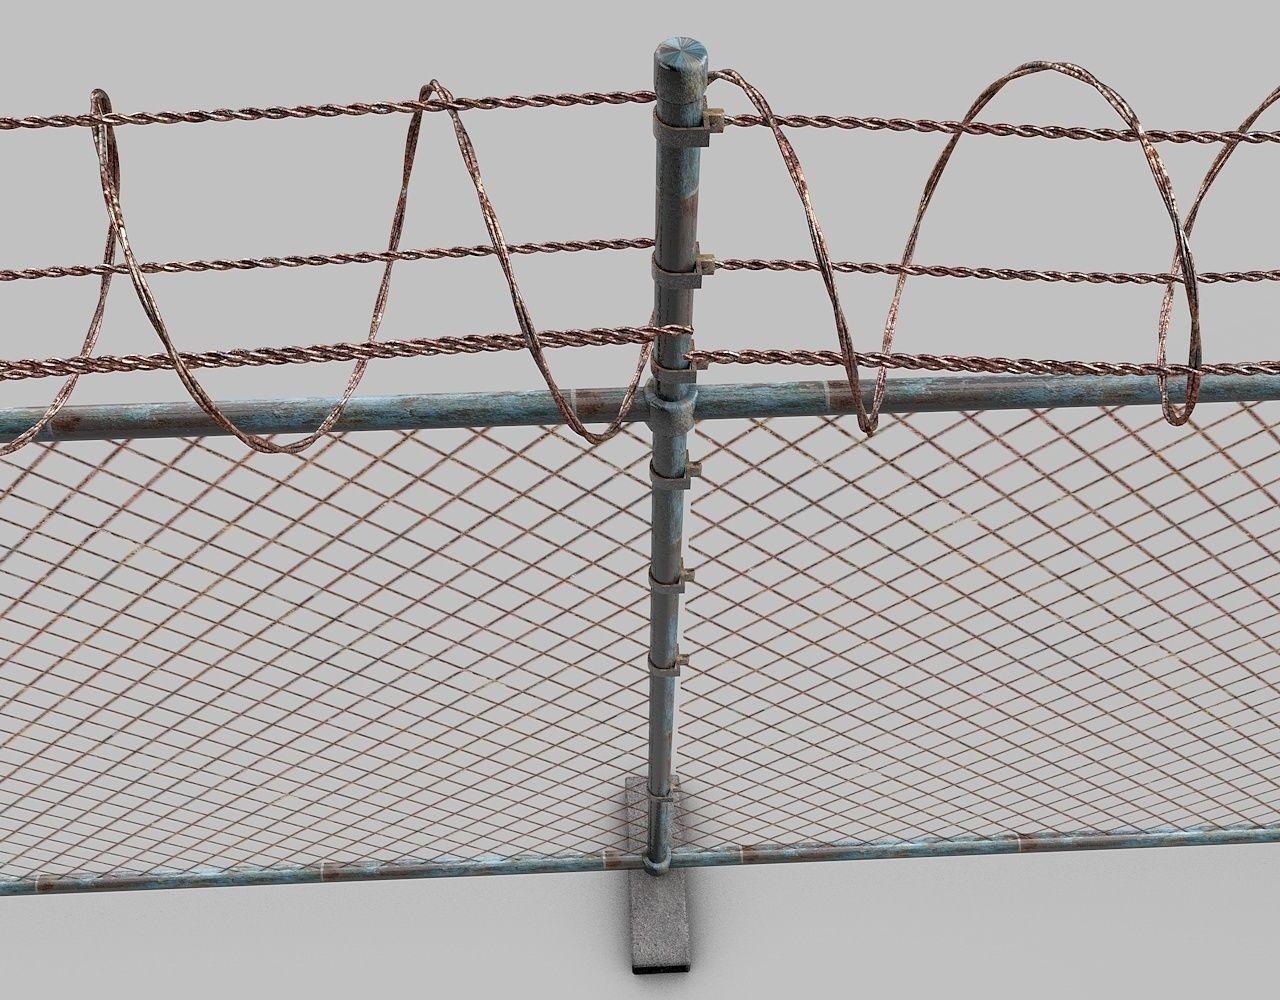 Barbed Wire Fence 3d Model Obj 3ds Fbx C4d Dxf Cgtrader Com